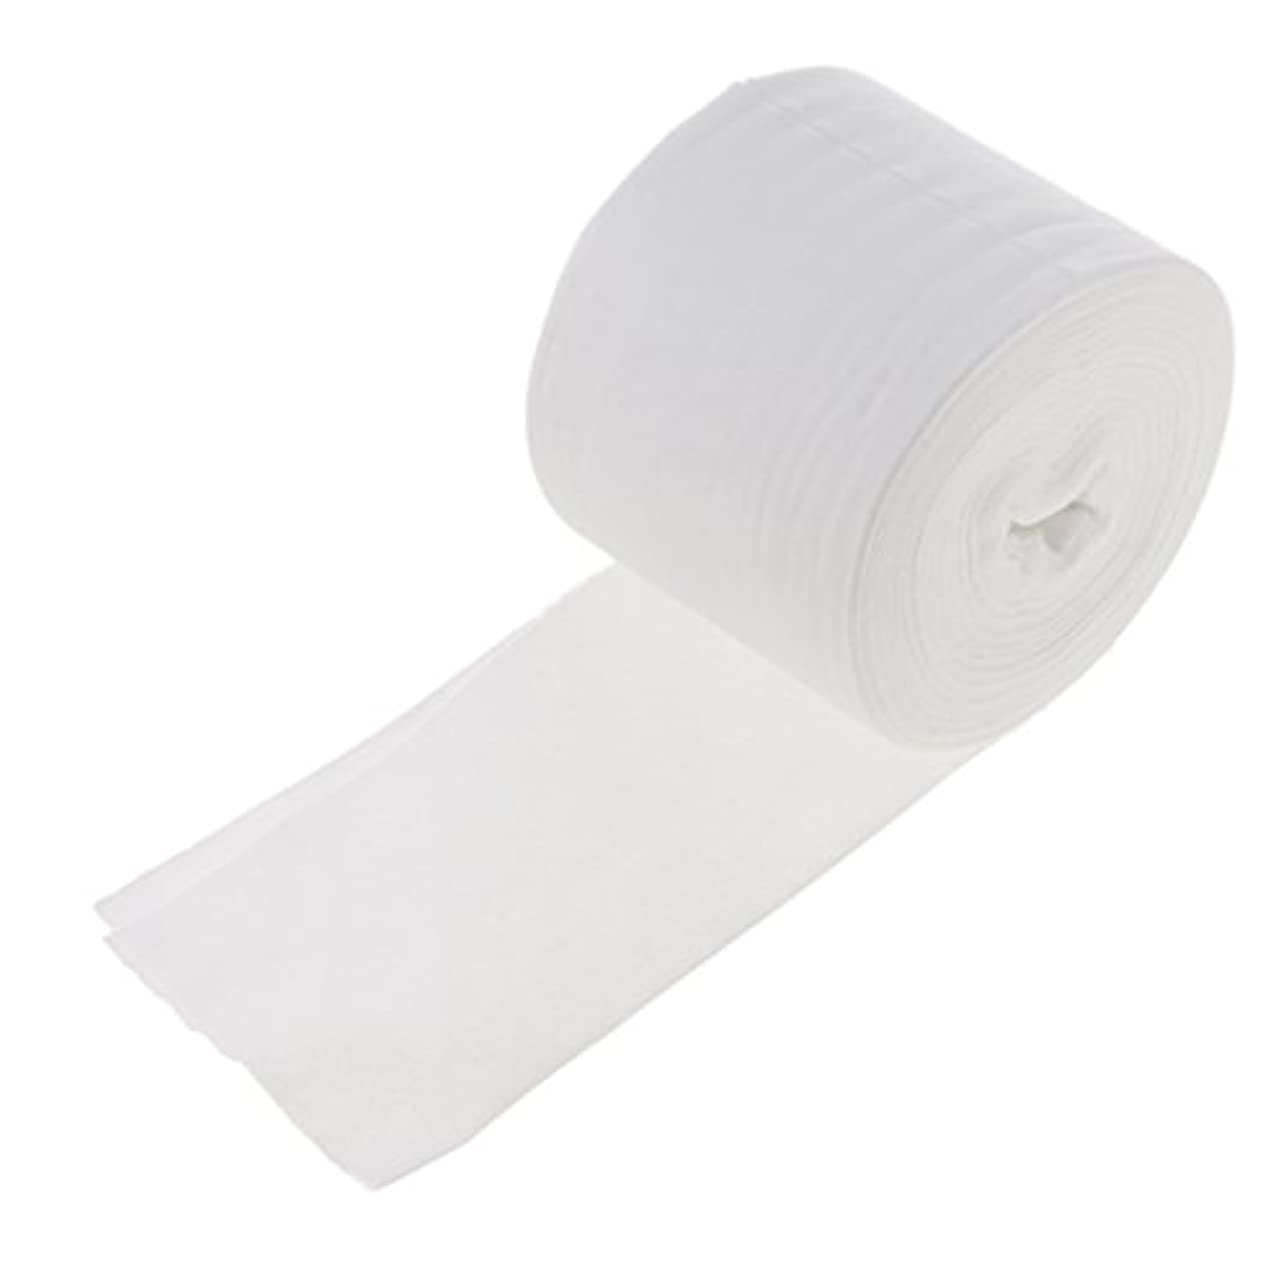 若さ端末抜粋洗顔 クリーニング タオル 来客用 オフィス 旅行用 使い捨て 軽量